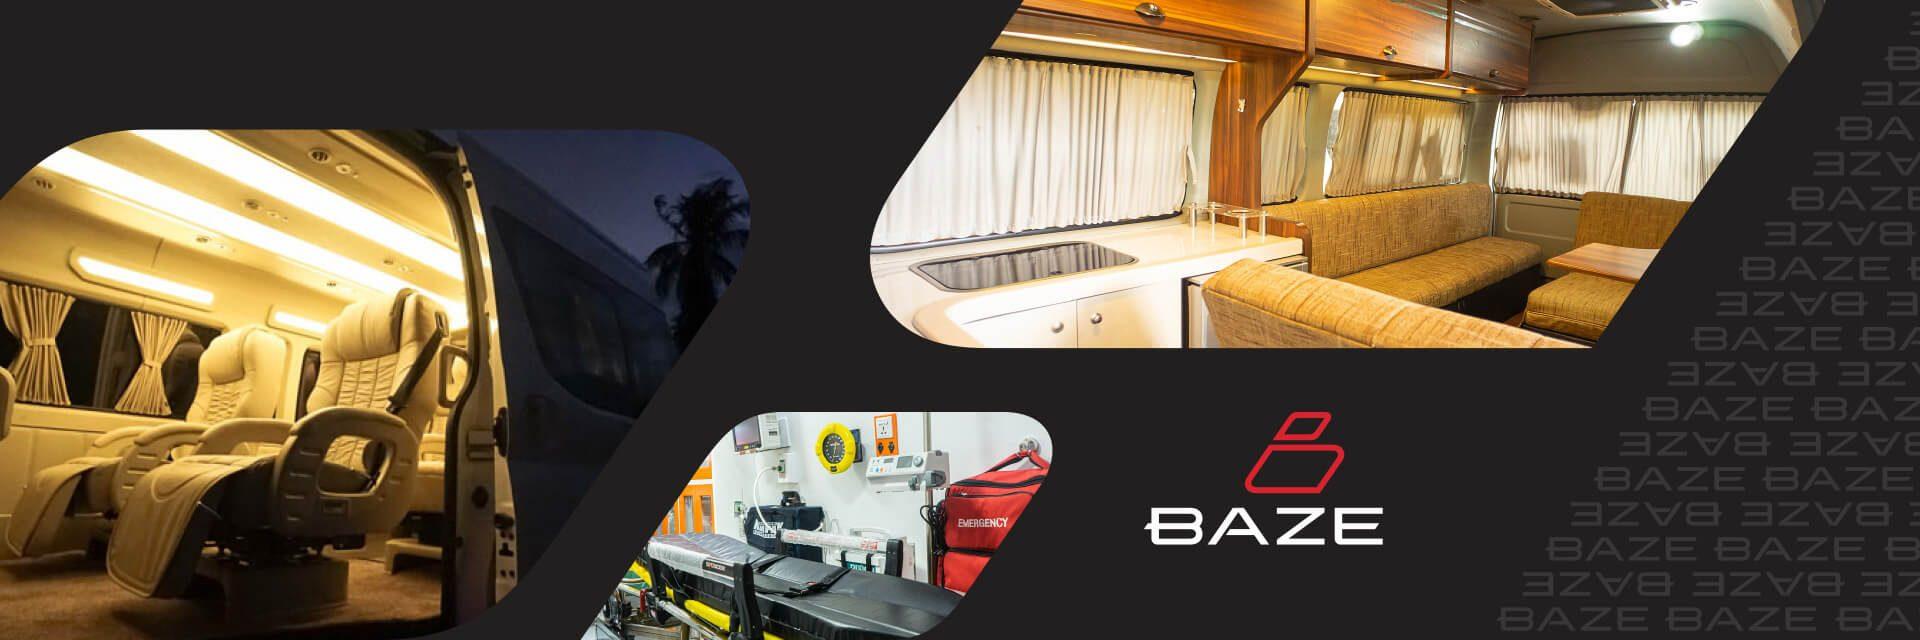 BAZE Home Slider Banner 4-6